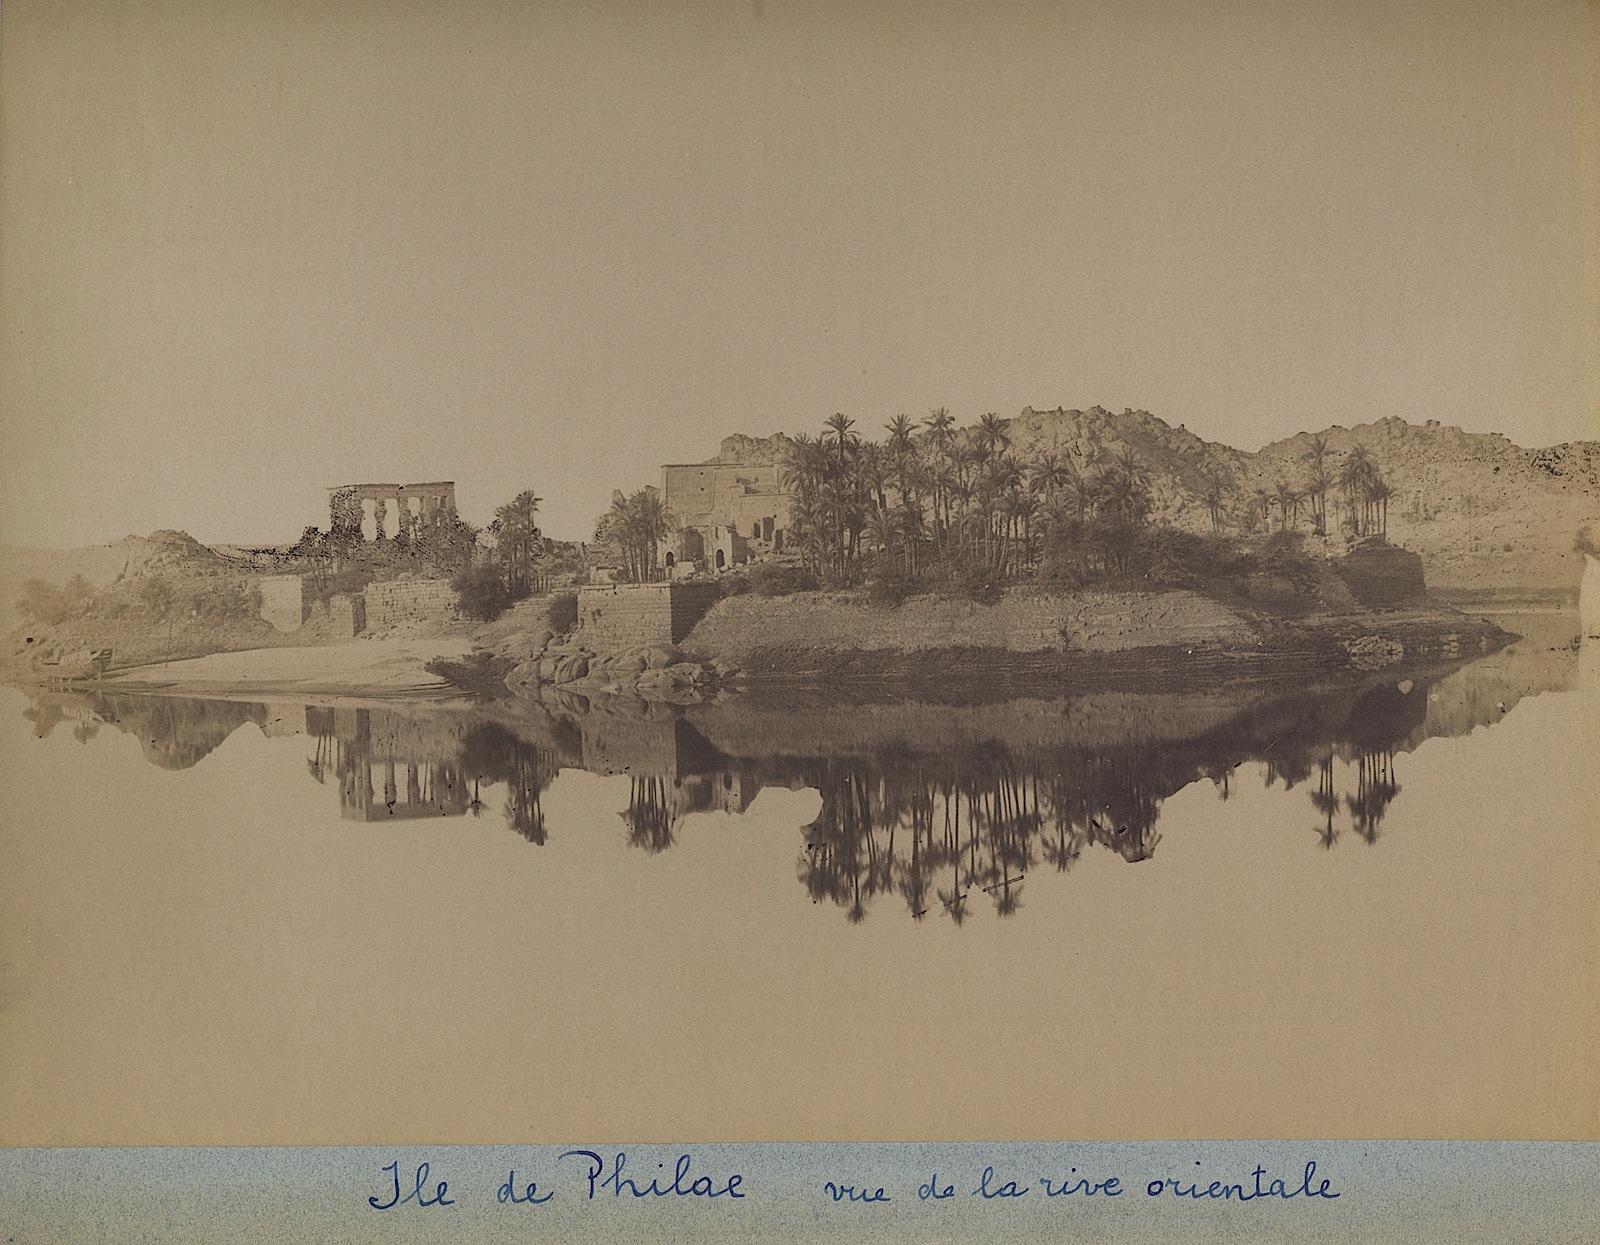 17-Beato-Ile de Philae vue de la rive orientale